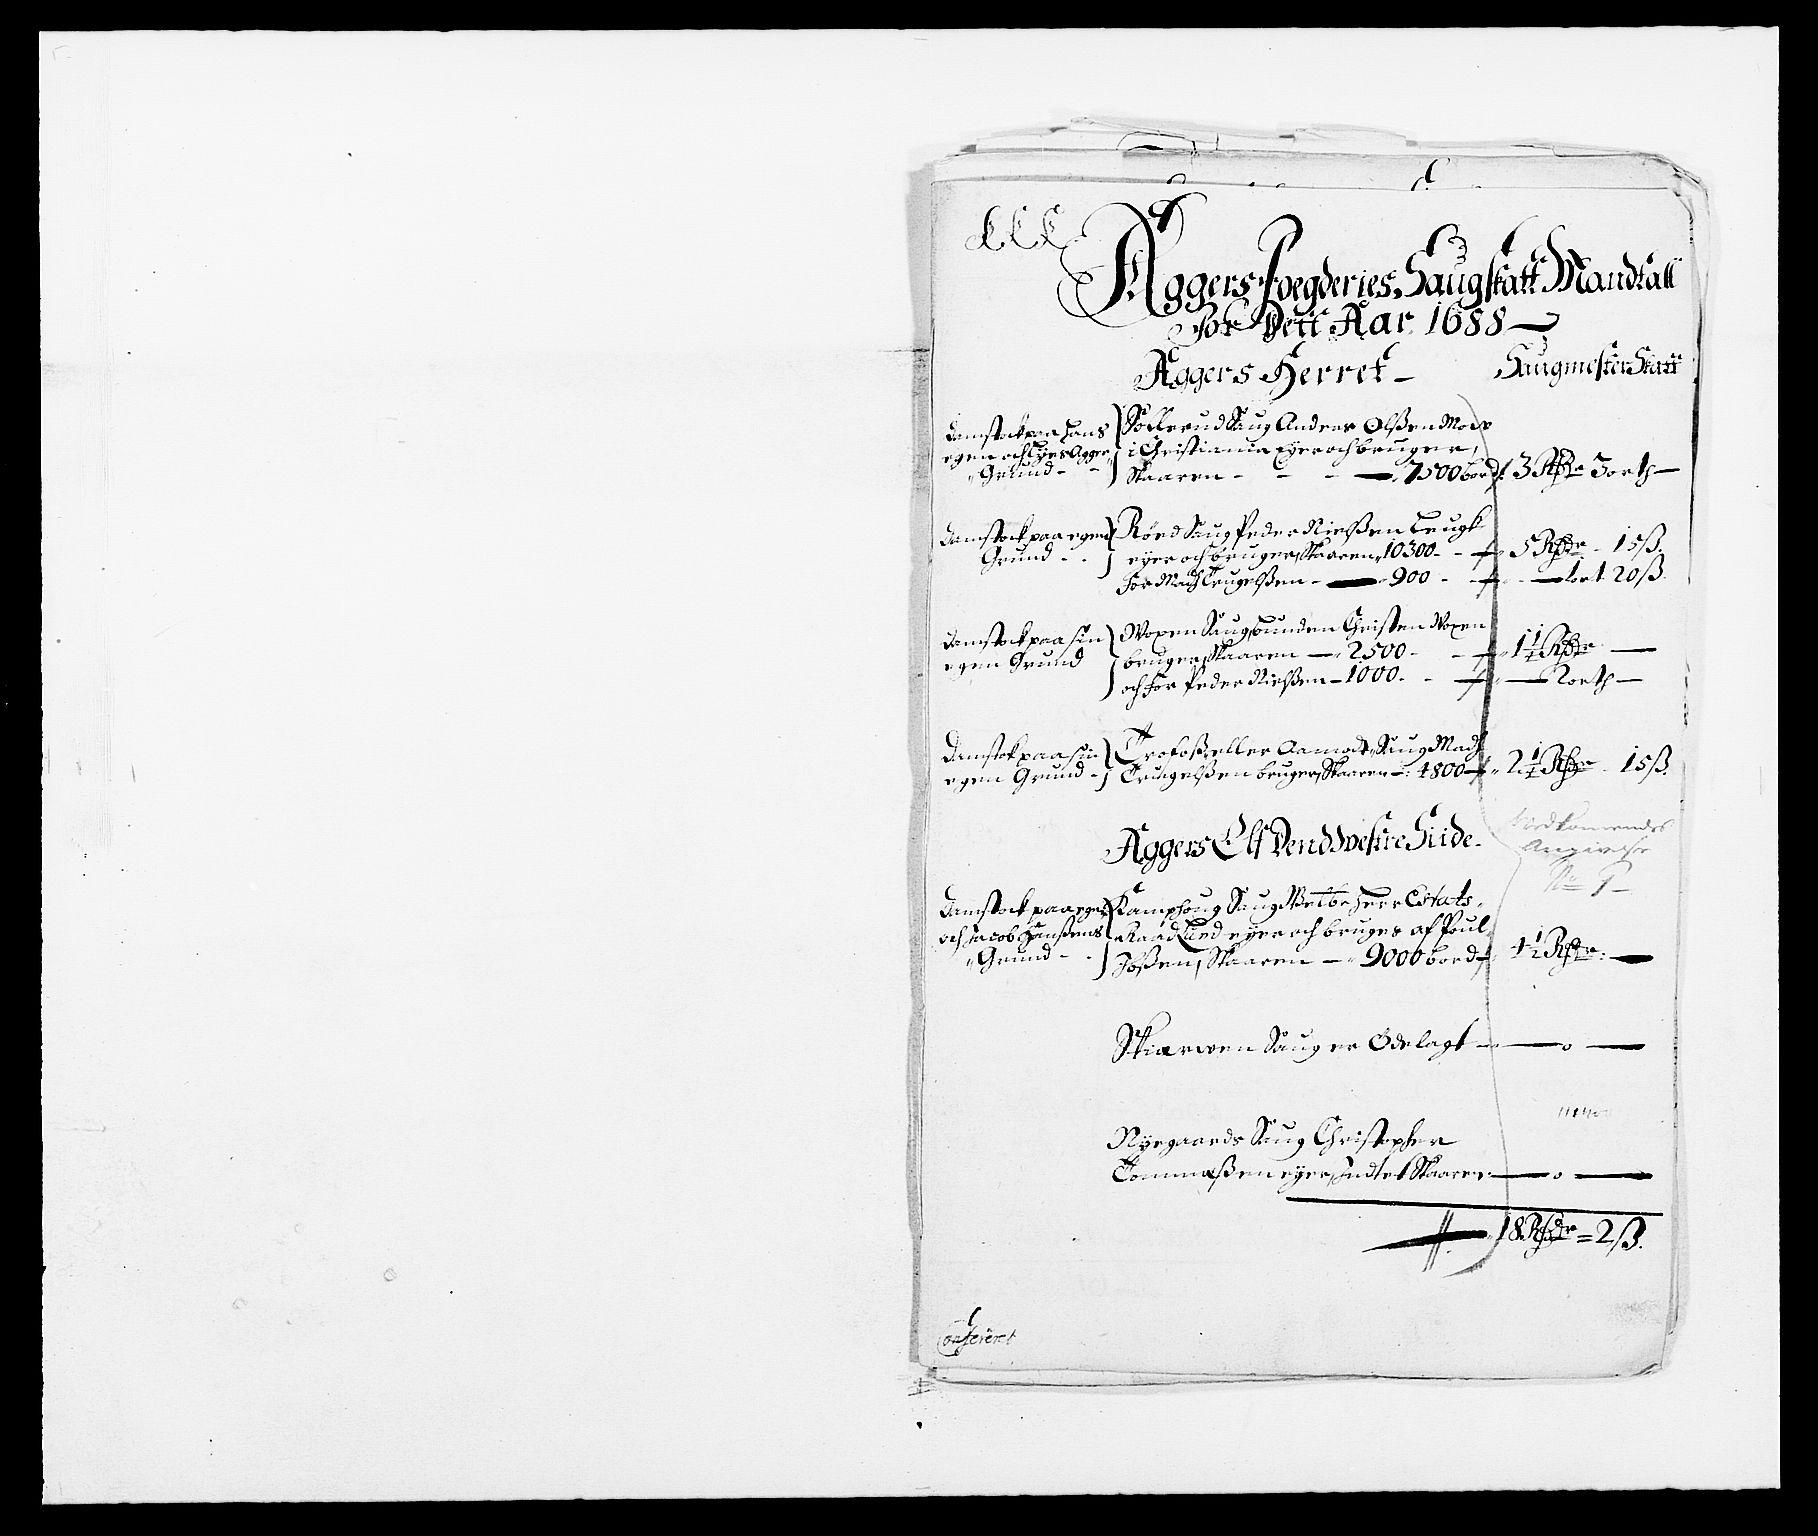 RA, Rentekammeret inntil 1814, Reviderte regnskaper, Fogderegnskap, R08/L0422: Fogderegnskap Aker, 1684-1686, s. 339